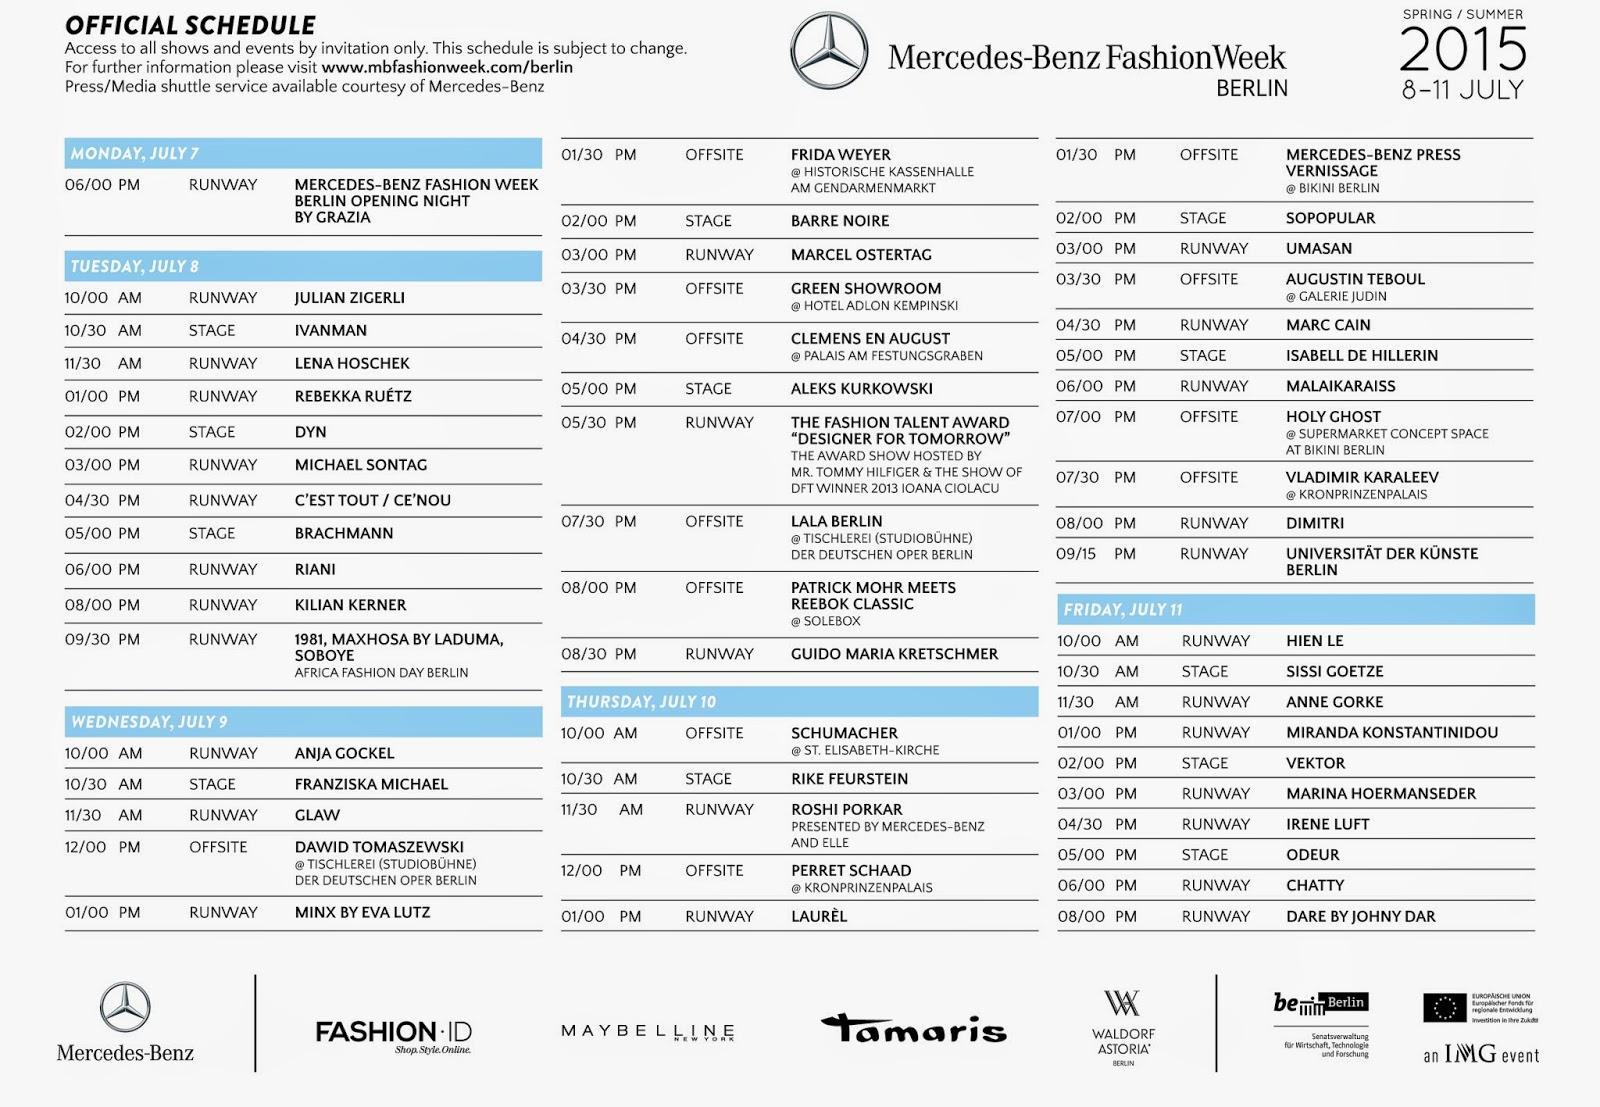 MERCEDES BENZ BERLIN FASHION WEEK DESIGNER SCHEDULE